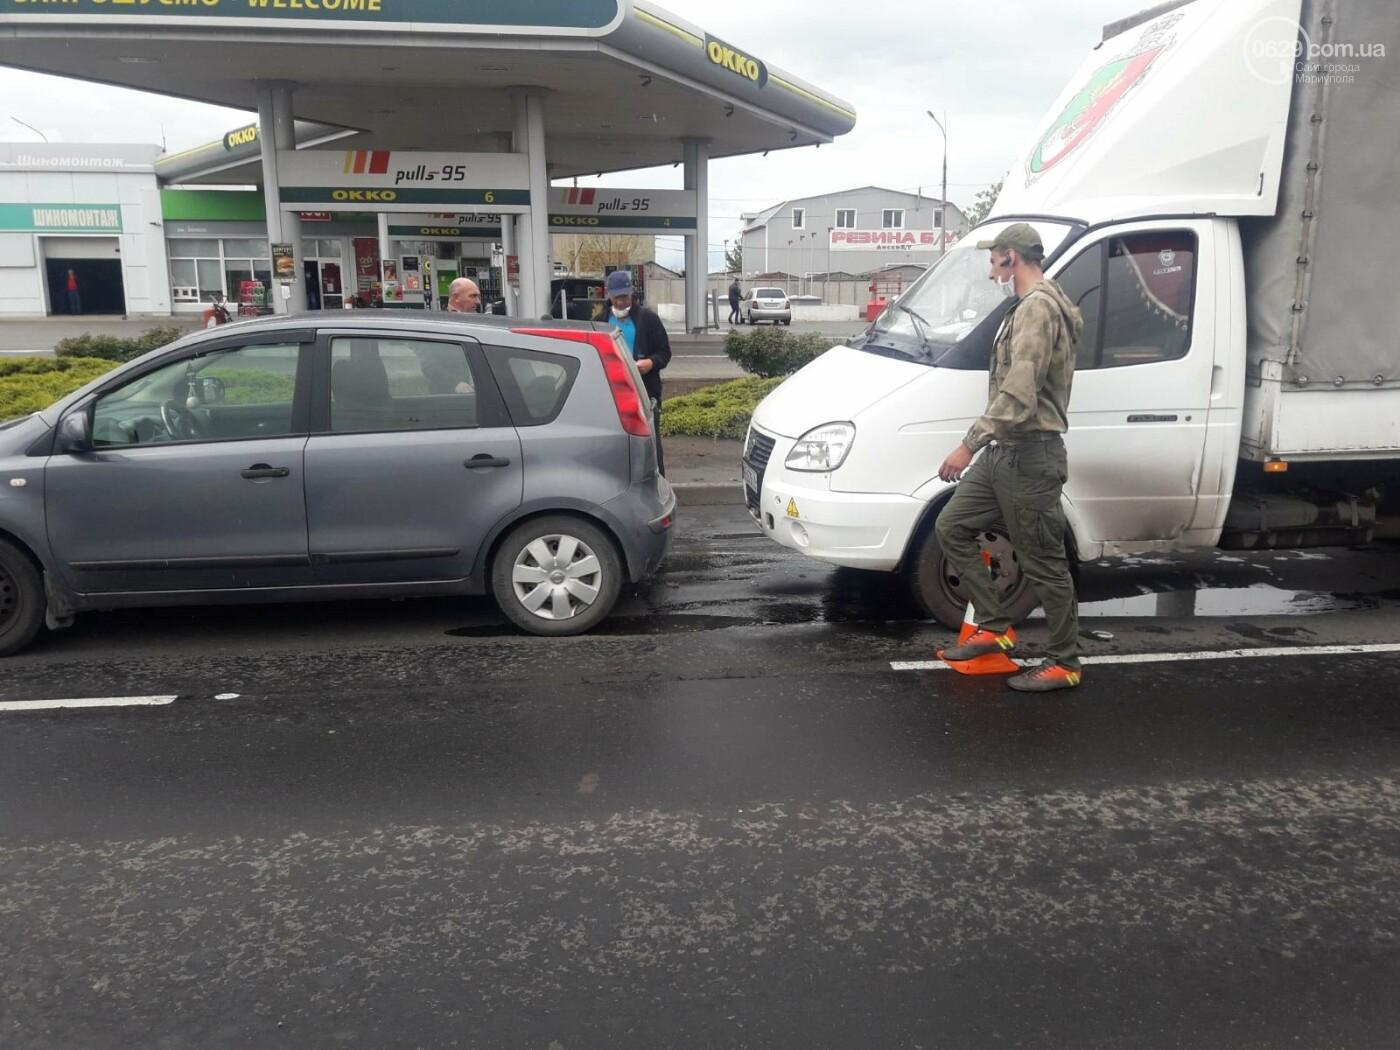 Машина в хлам, есть пострадавшие. В Мариуполе на перекрестке произошло ДТП, - ФОТО, фото-2